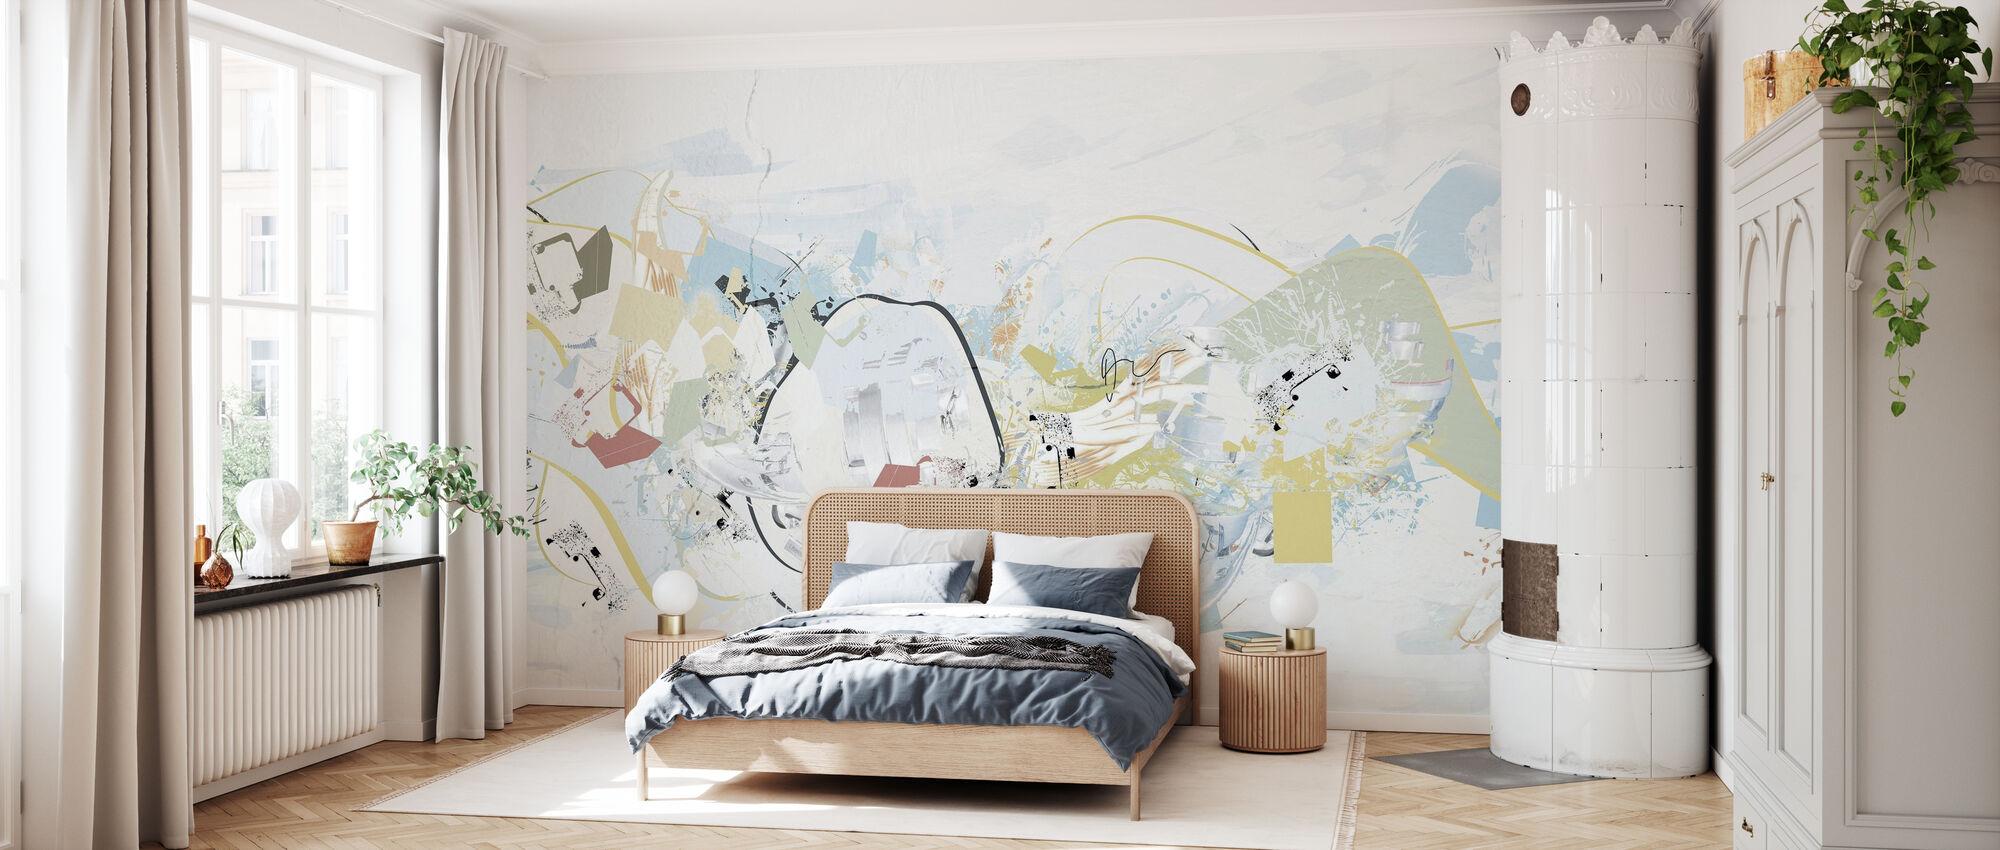 Roberto Marras - Kyara I Pastel - Wallpaper - Bedroom